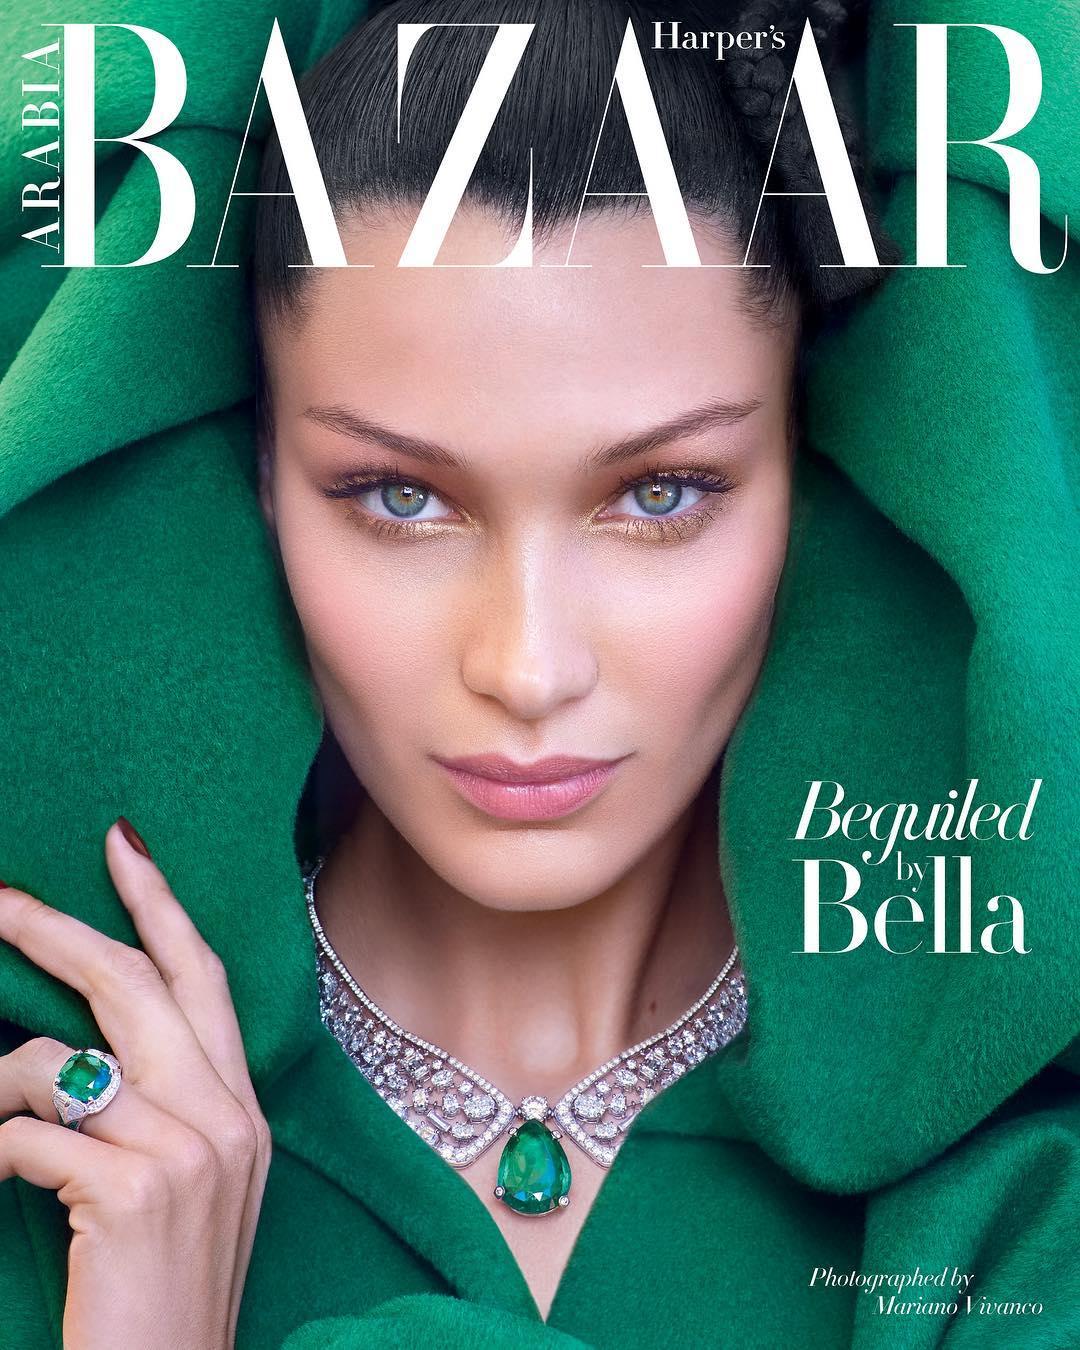 меню неделю обложки модных журналов фото стоматолог, дерматолог